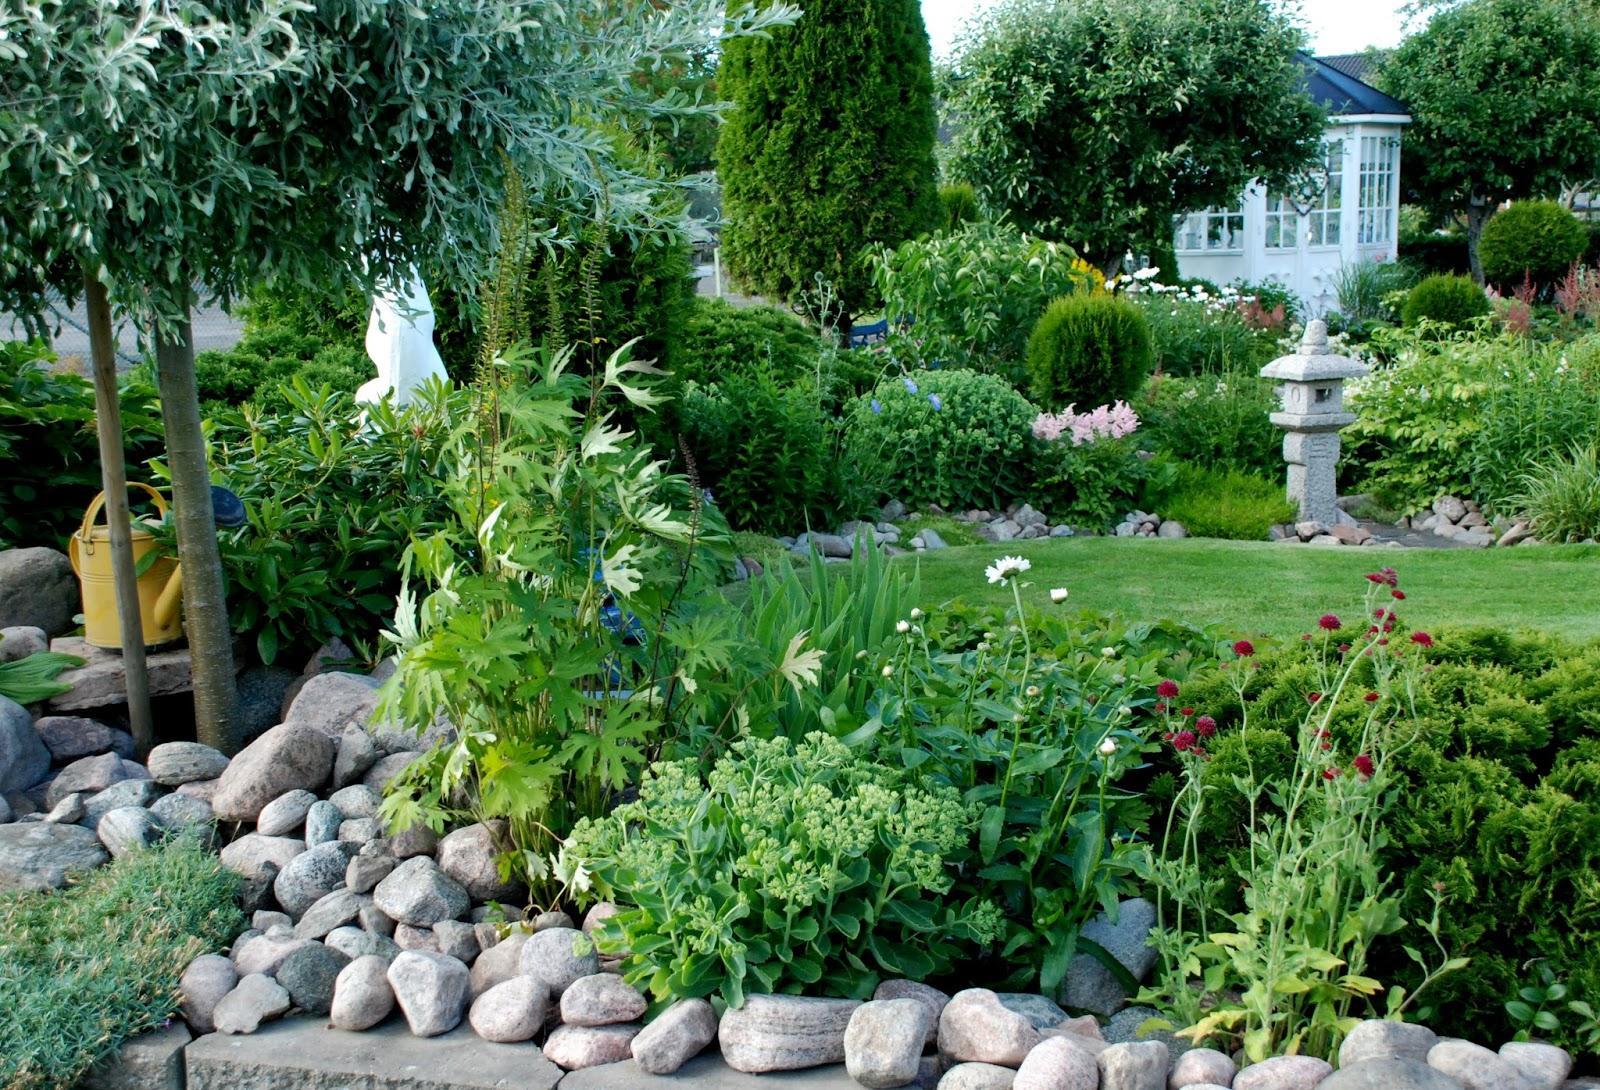 Záhrada,ktorá ťa nikdy neomrzí...divoká a krásna - Obrázok č. 2